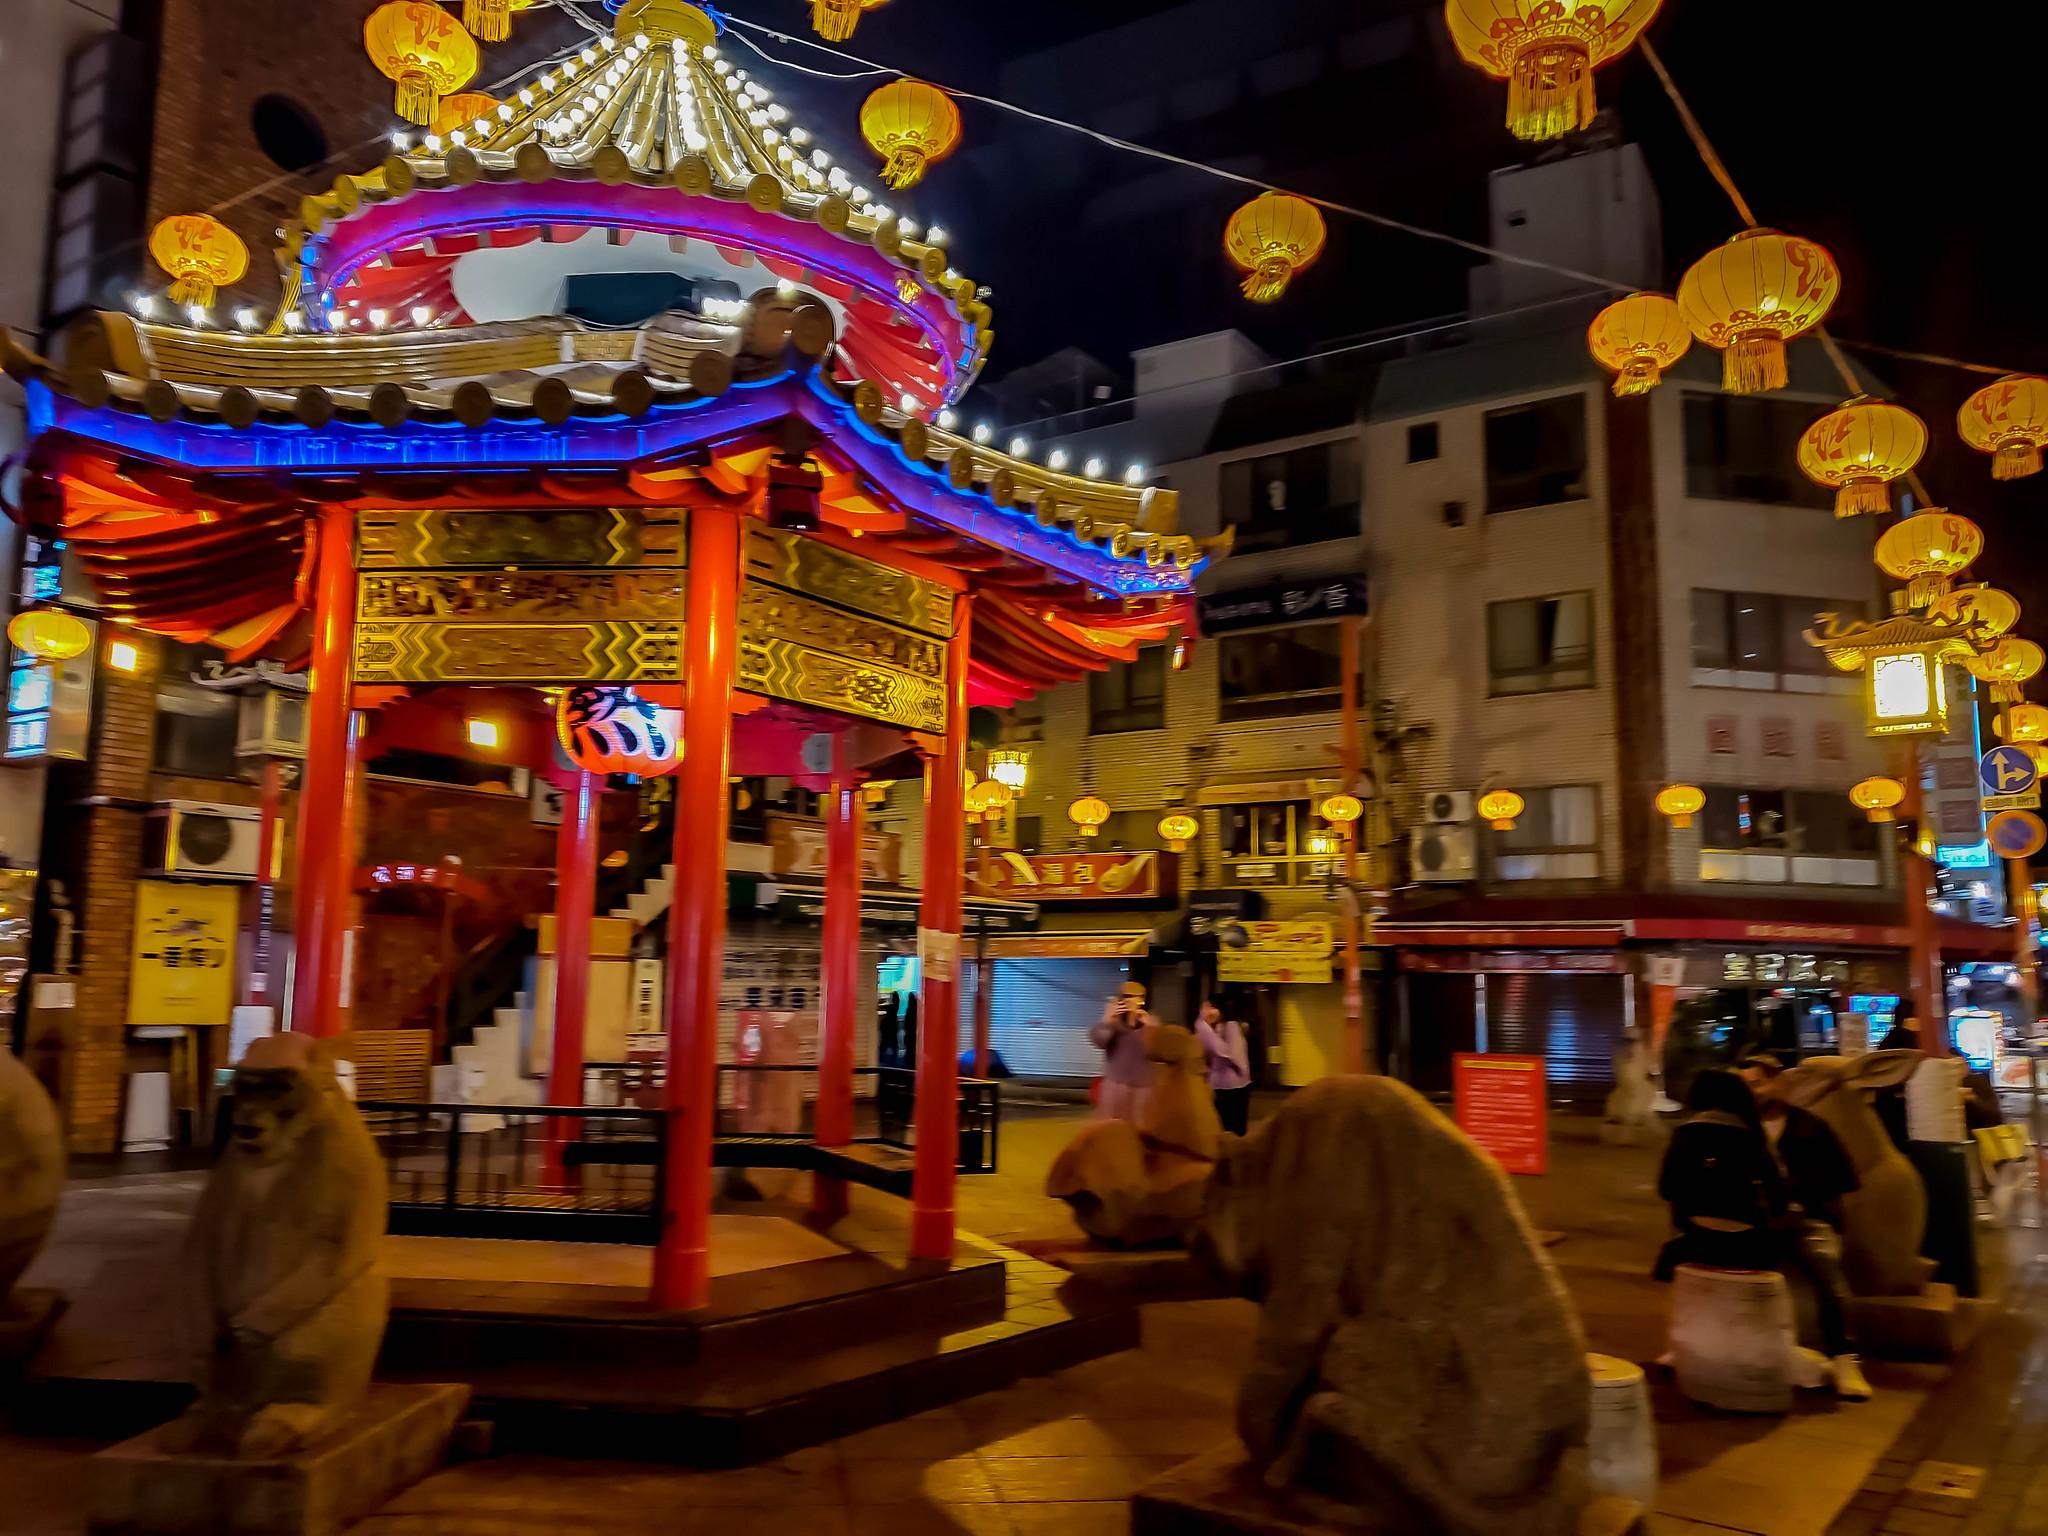 神戸元町 南京町 福龍菜館と神戸プラザホテル